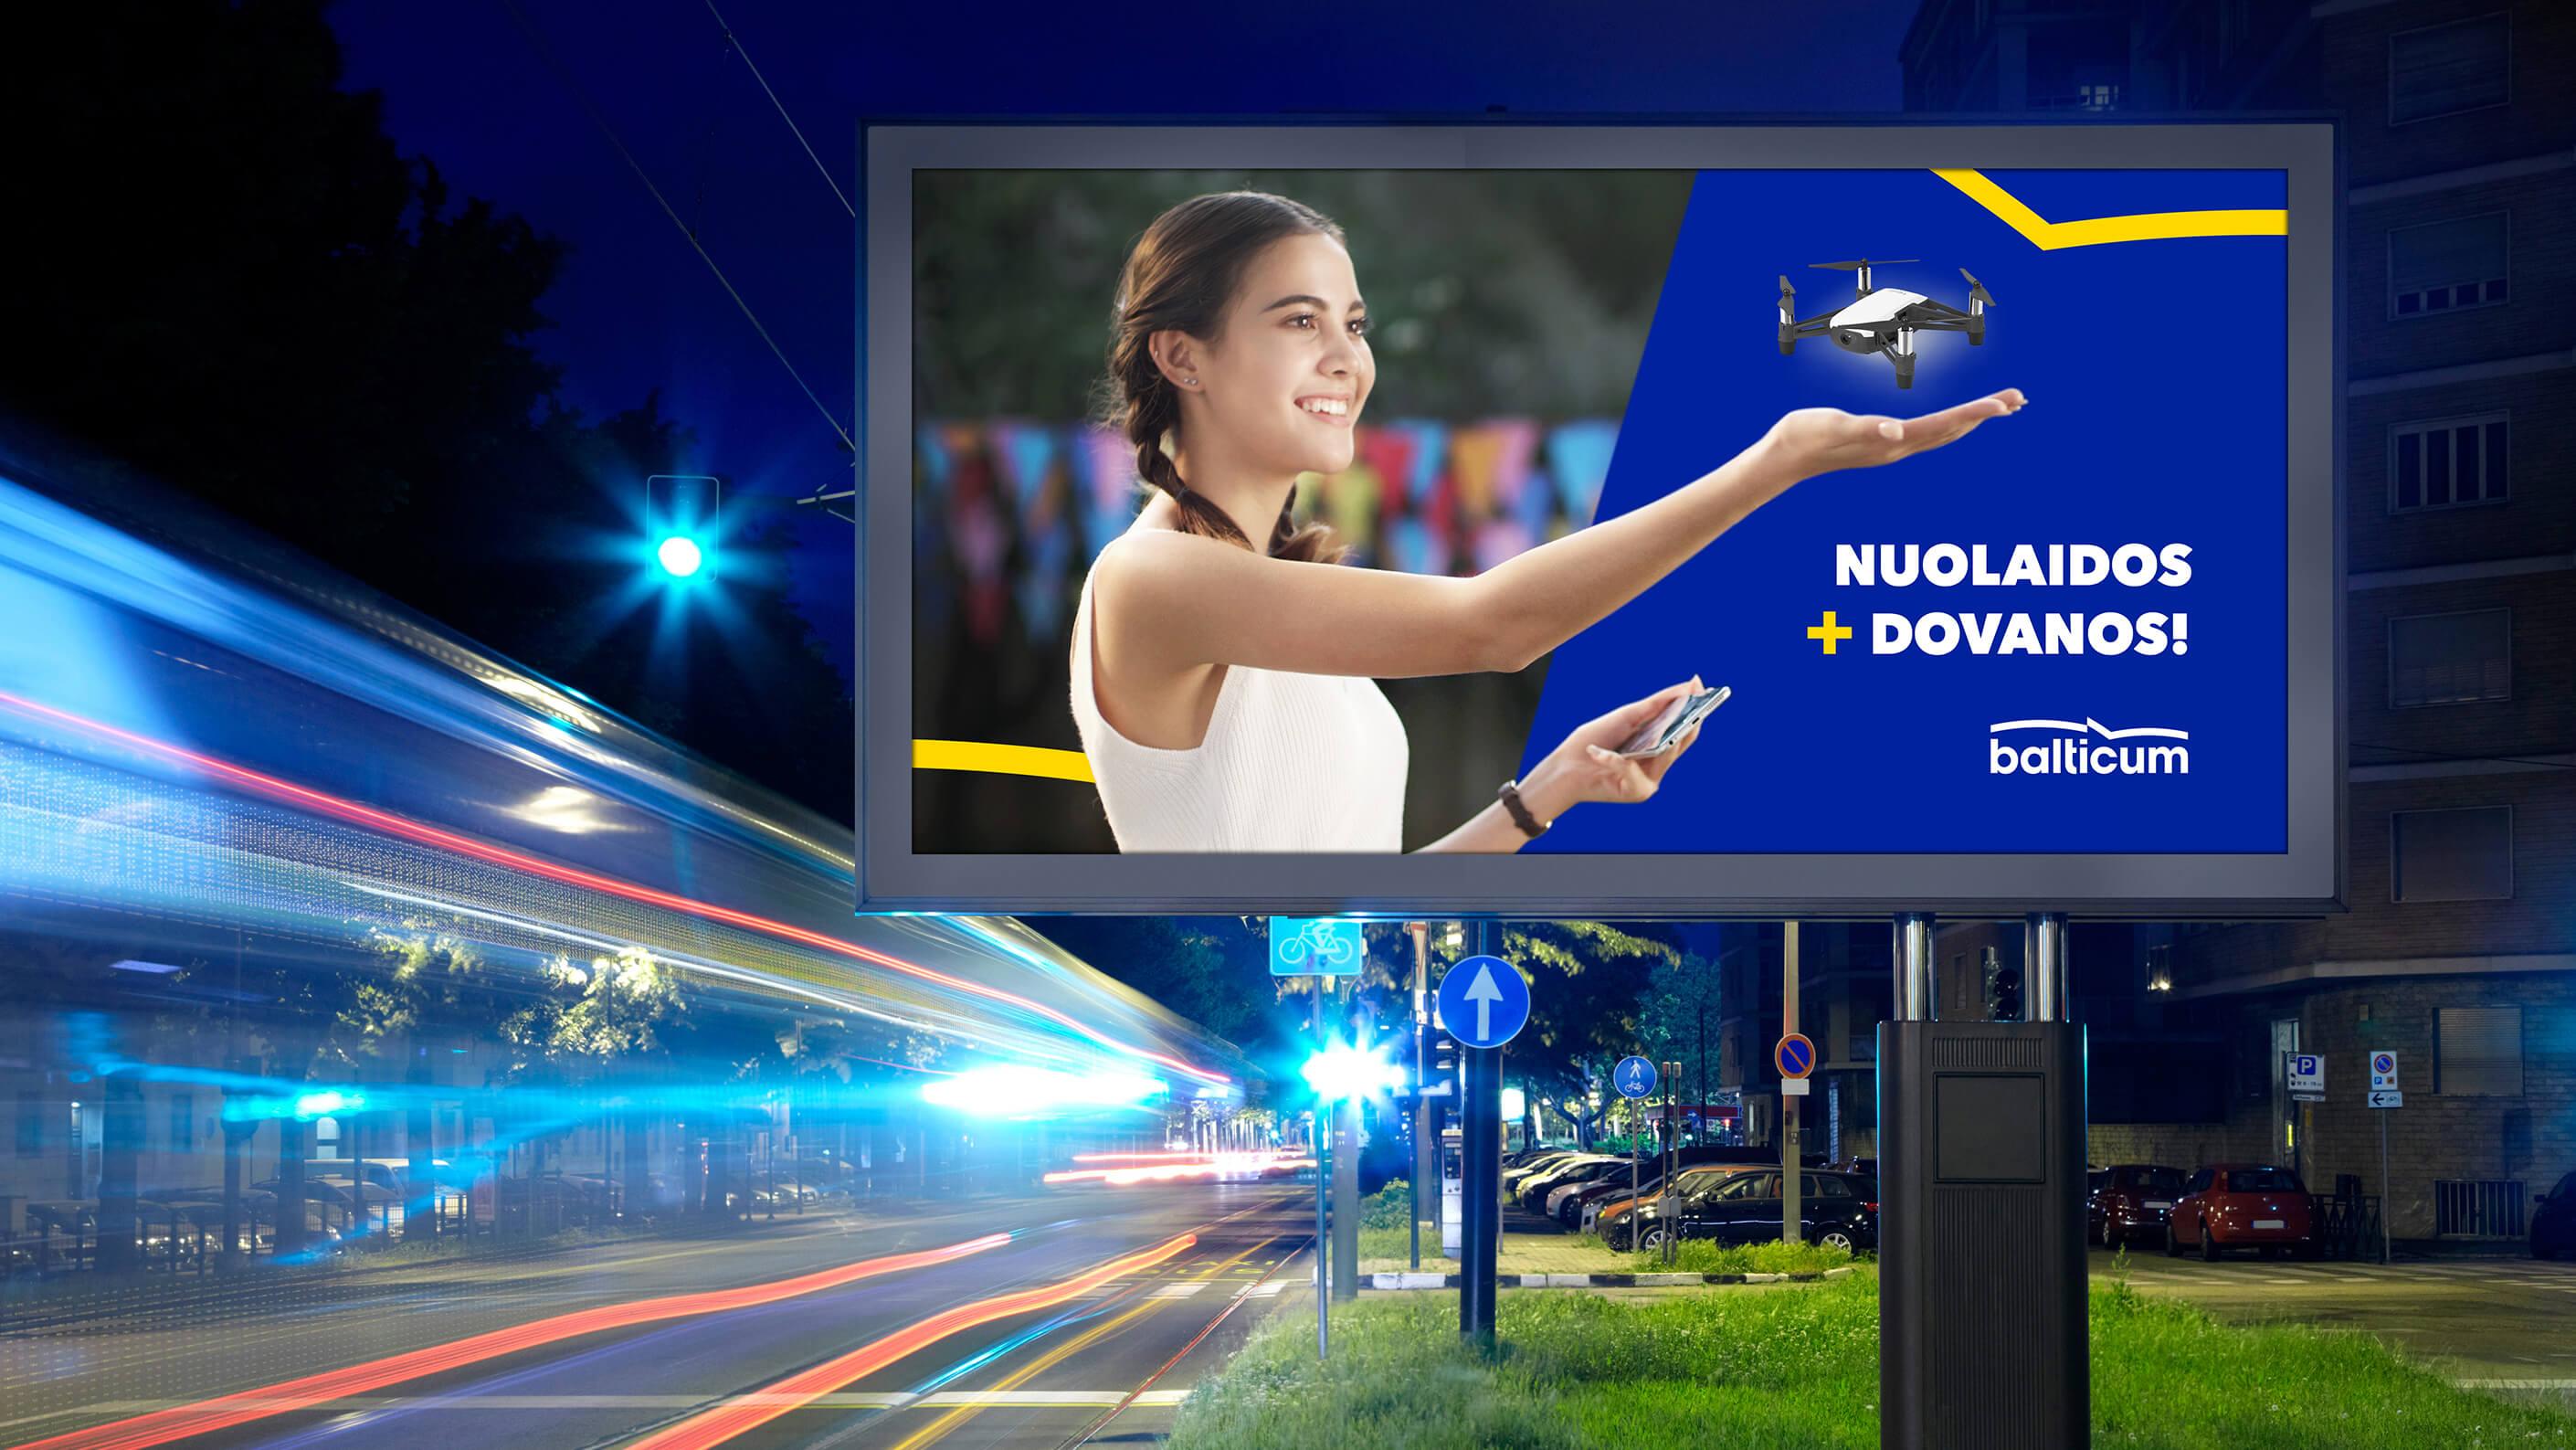 balticum-billboard-2820×1587